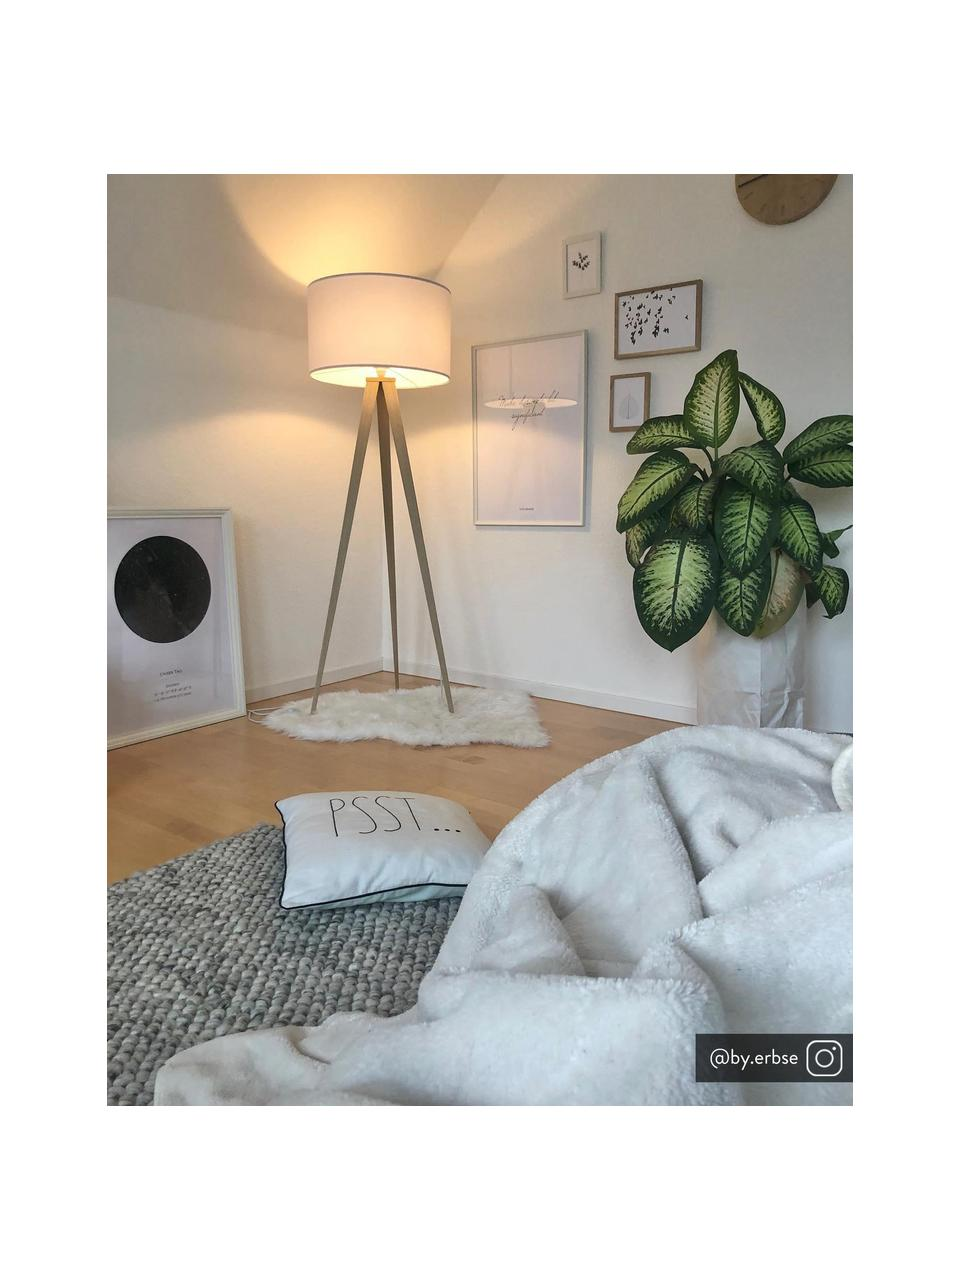 Skandi-Tripod Stehlampe Jake, Lampenschirm: Baumwolle, Lampenfuß: Metall mit Echtholzfurnie, Lampenschirm: WeißLampenfuß: Holzfurnier, ∅ 50 x H 154 cm